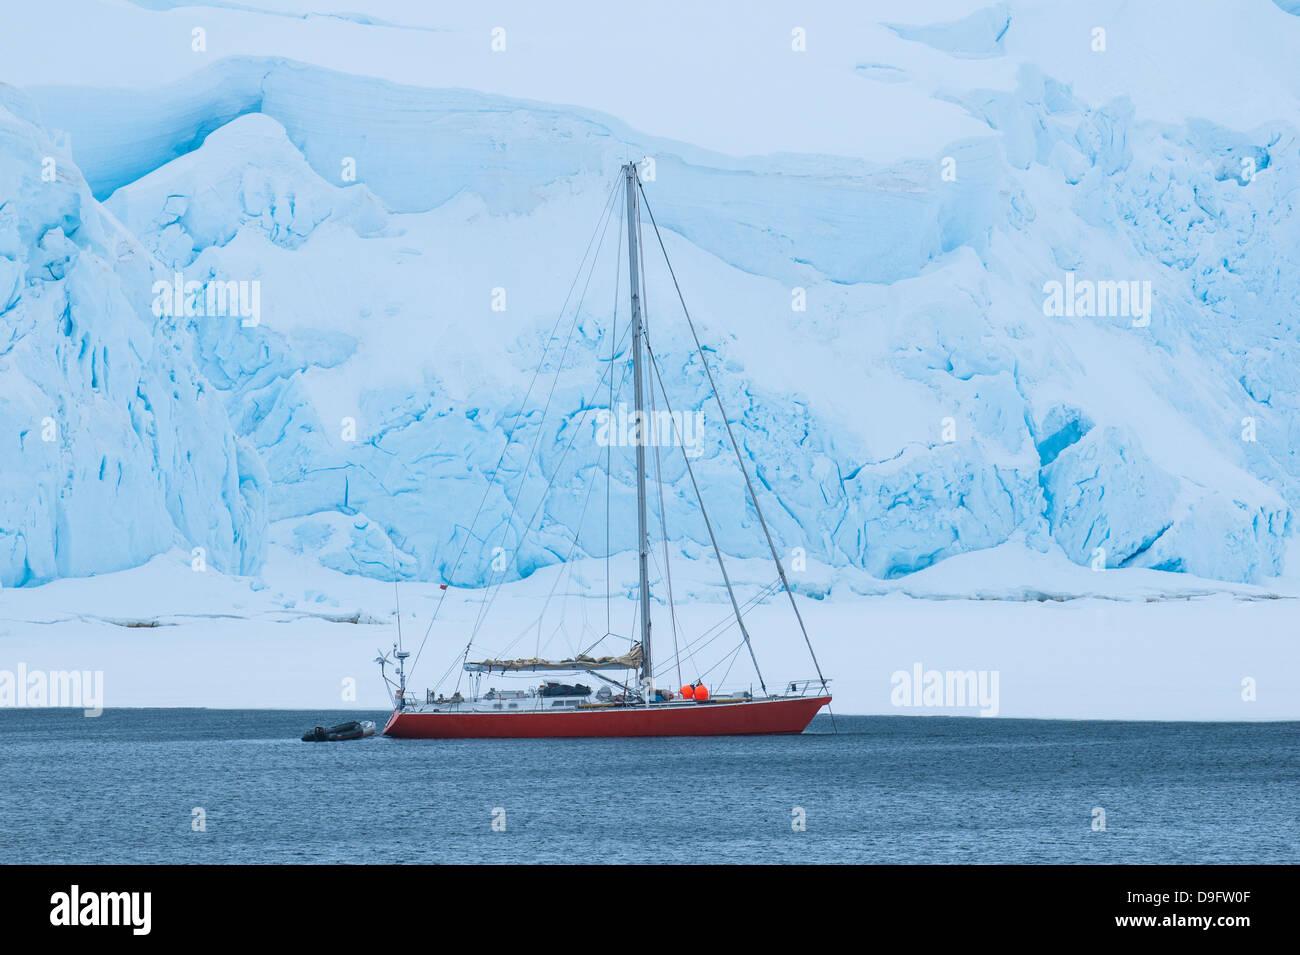 Barca a vela al di sotto di un enorme ghiacciaio vicino a Port Lockroy stazione di ricerca, l'Antartide, regioni Immagini Stock